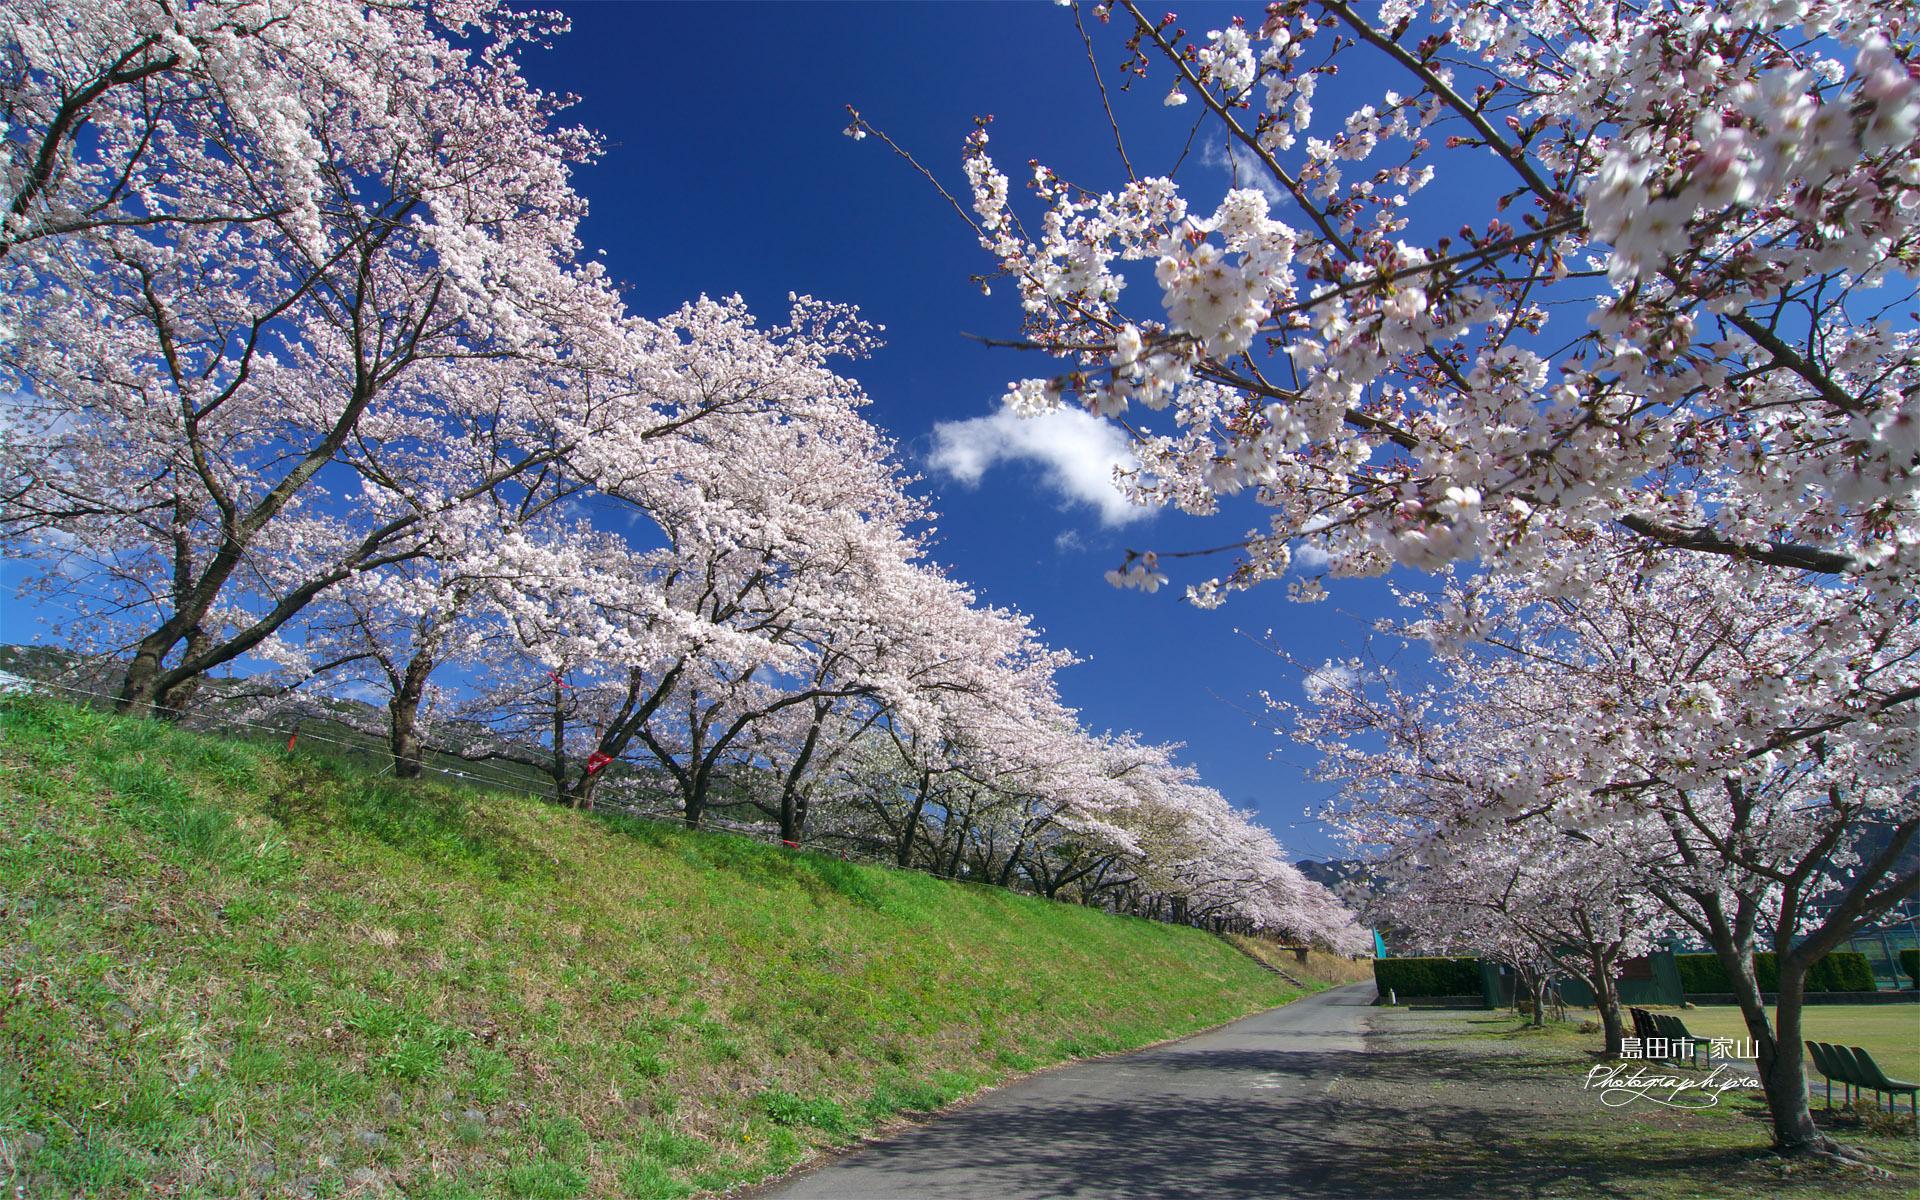 大井川鉄道桜並木 の壁紙 19x10